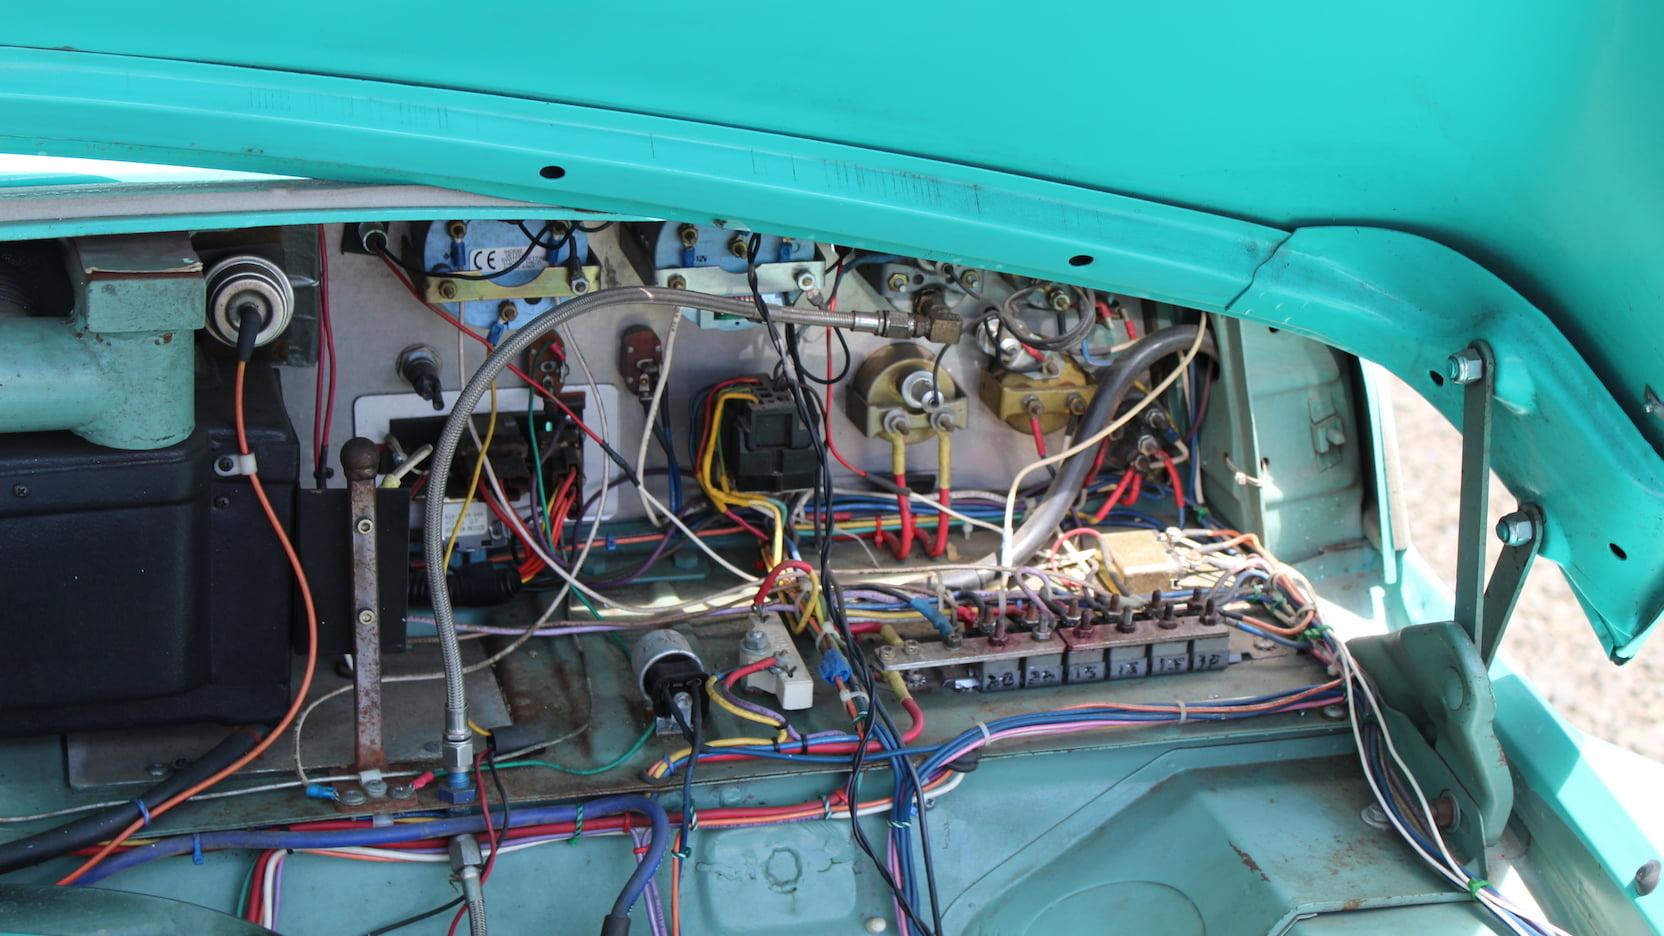 1950 Studebaker Pickup Wiring Diagram 1950 Get Free Image About